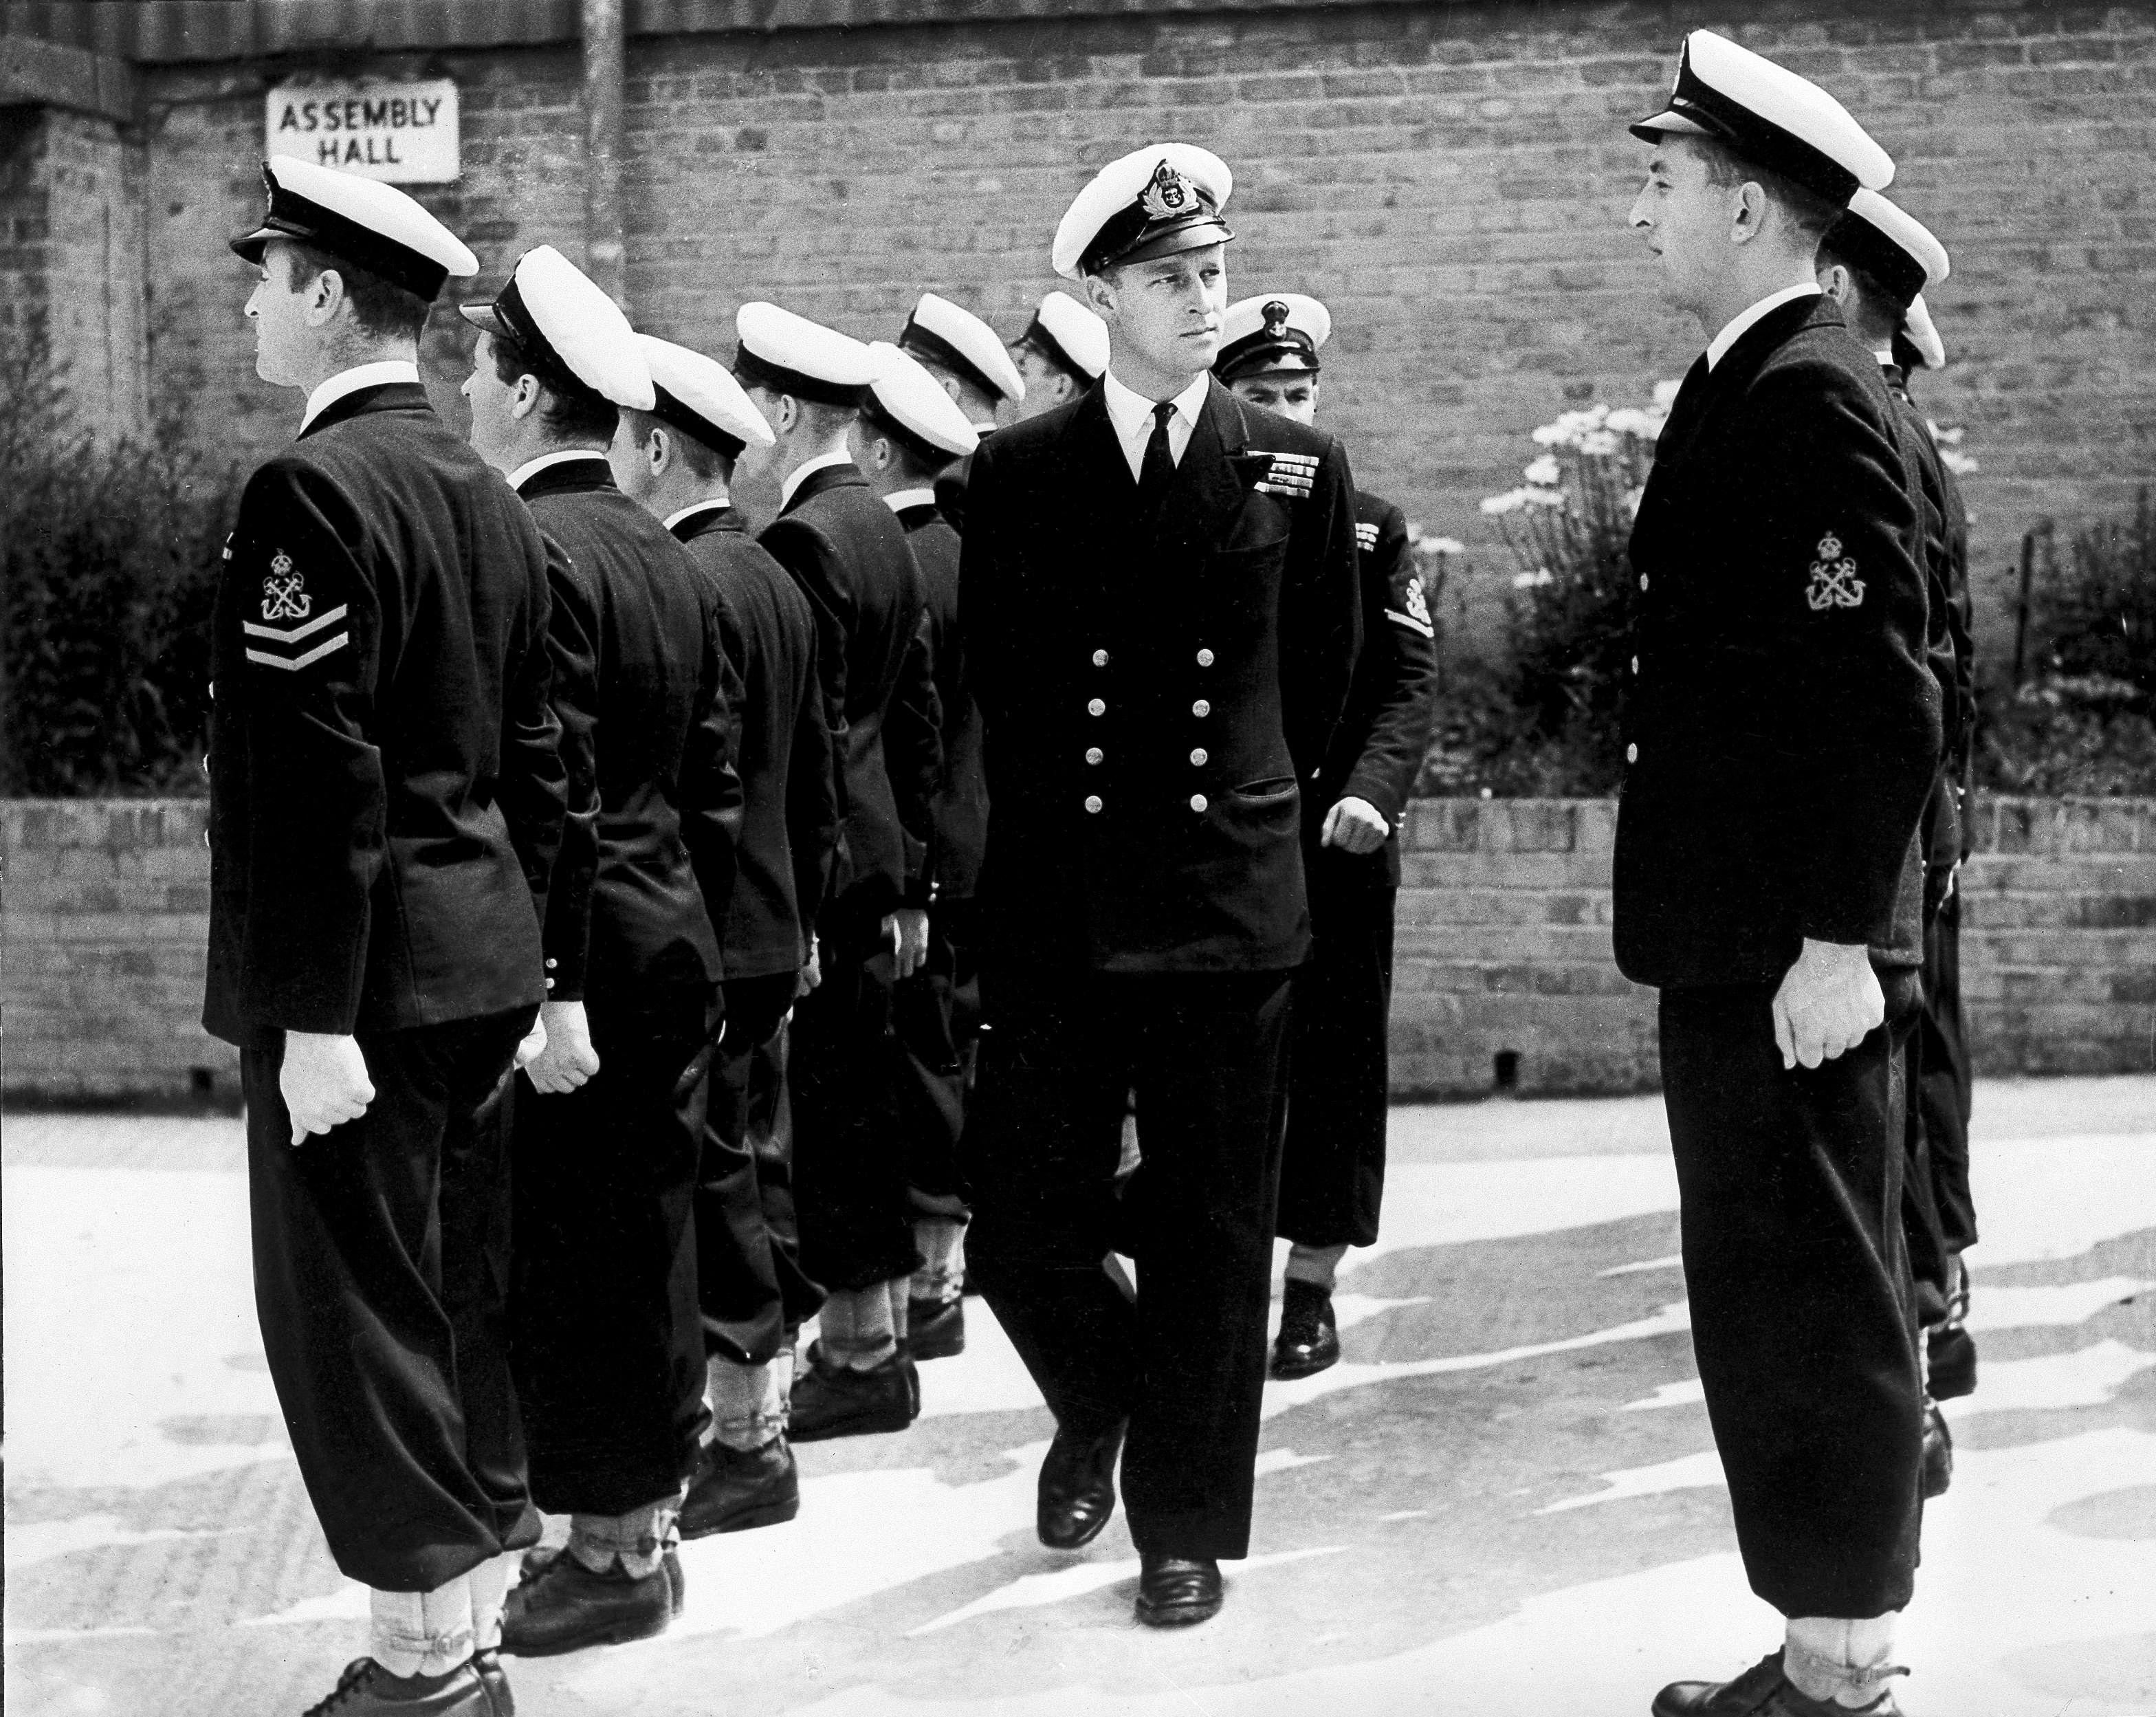 En 1939, Philip se unió al ejército británico como cadete de la Royal Naval College, Dartmouth. Ostentando este puesto fue que conoció a Elizabeth, quien se convertiría más tarde en su esposa y reina británica. (AP)